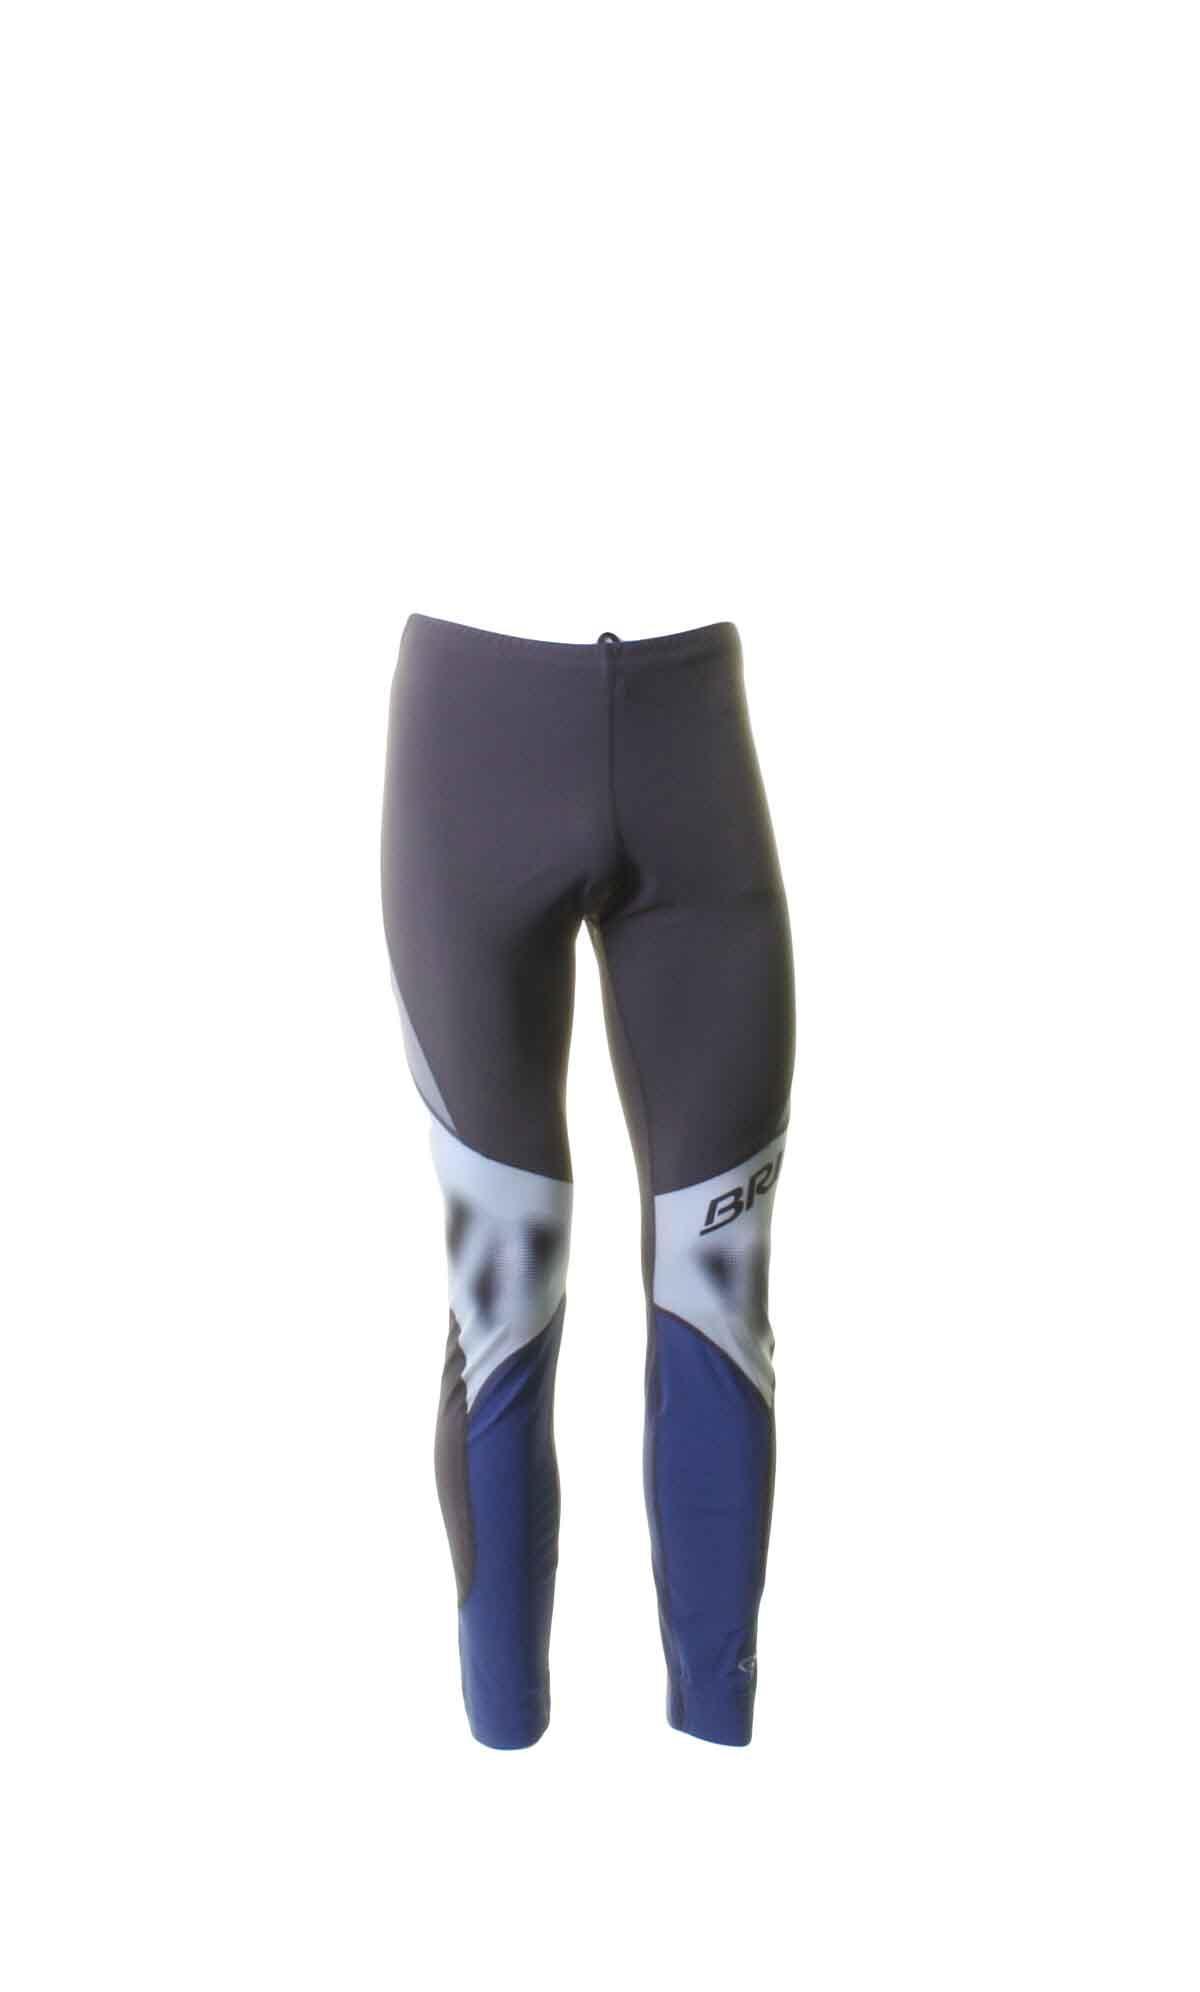 Acquista Pantaloni Lunghi Sci Fondo Uomo 17489626 | Glooke.com